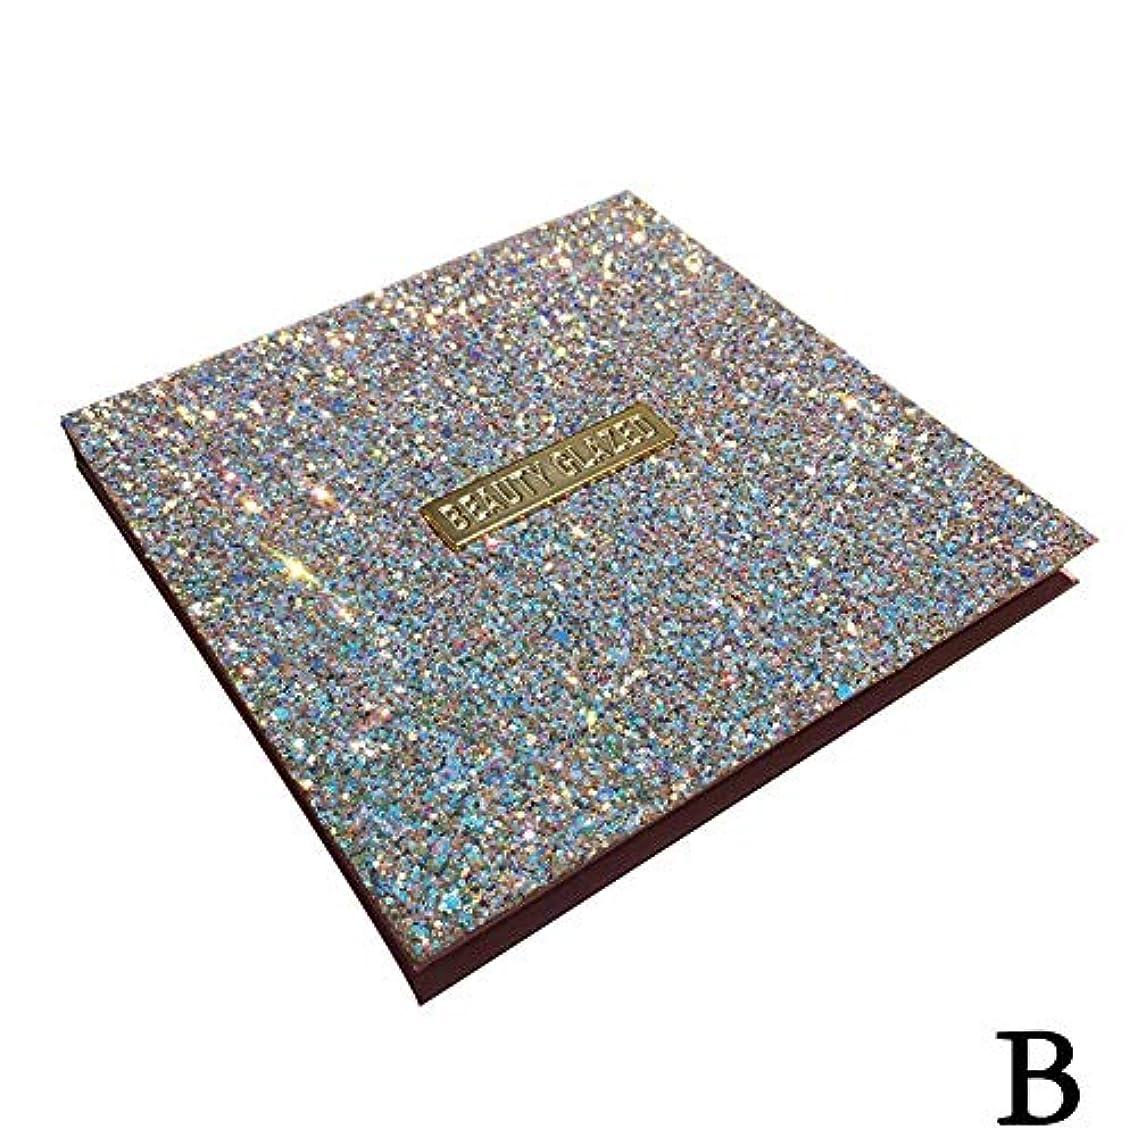 せせらぎ遠い協同(ゴールデン ドリーミング)Golden Dreaming beauty glazed 無光沢の真珠16色のアイシャドウ (B 2#)